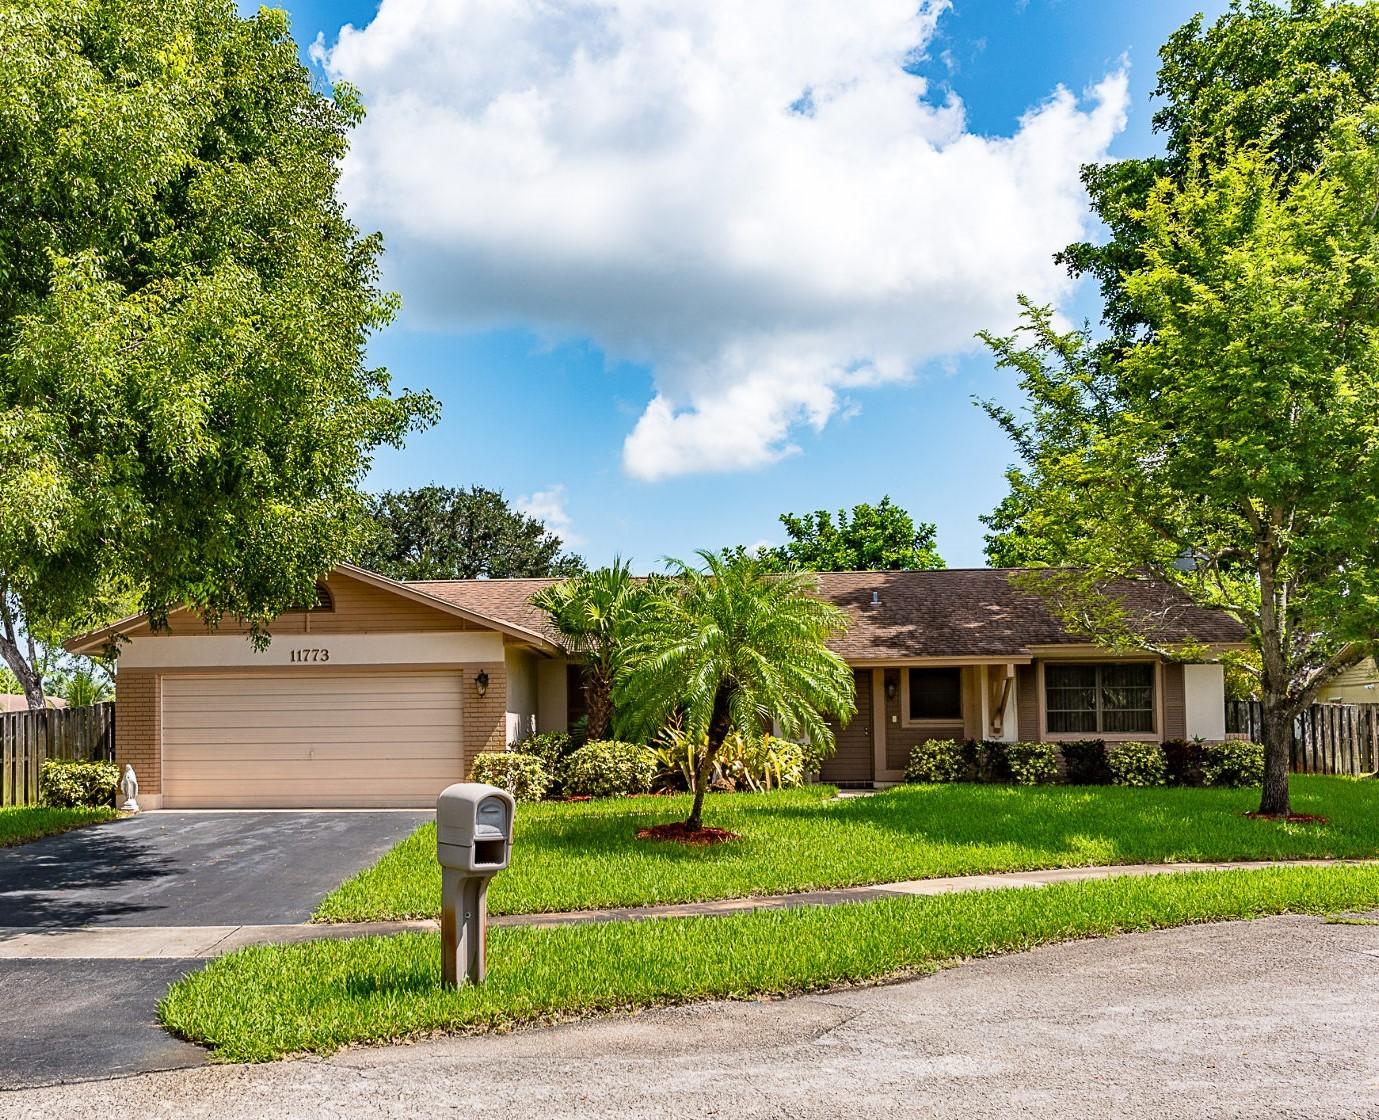 Flamingo Gardens Home For Sale Cooper City Fl No Hoa